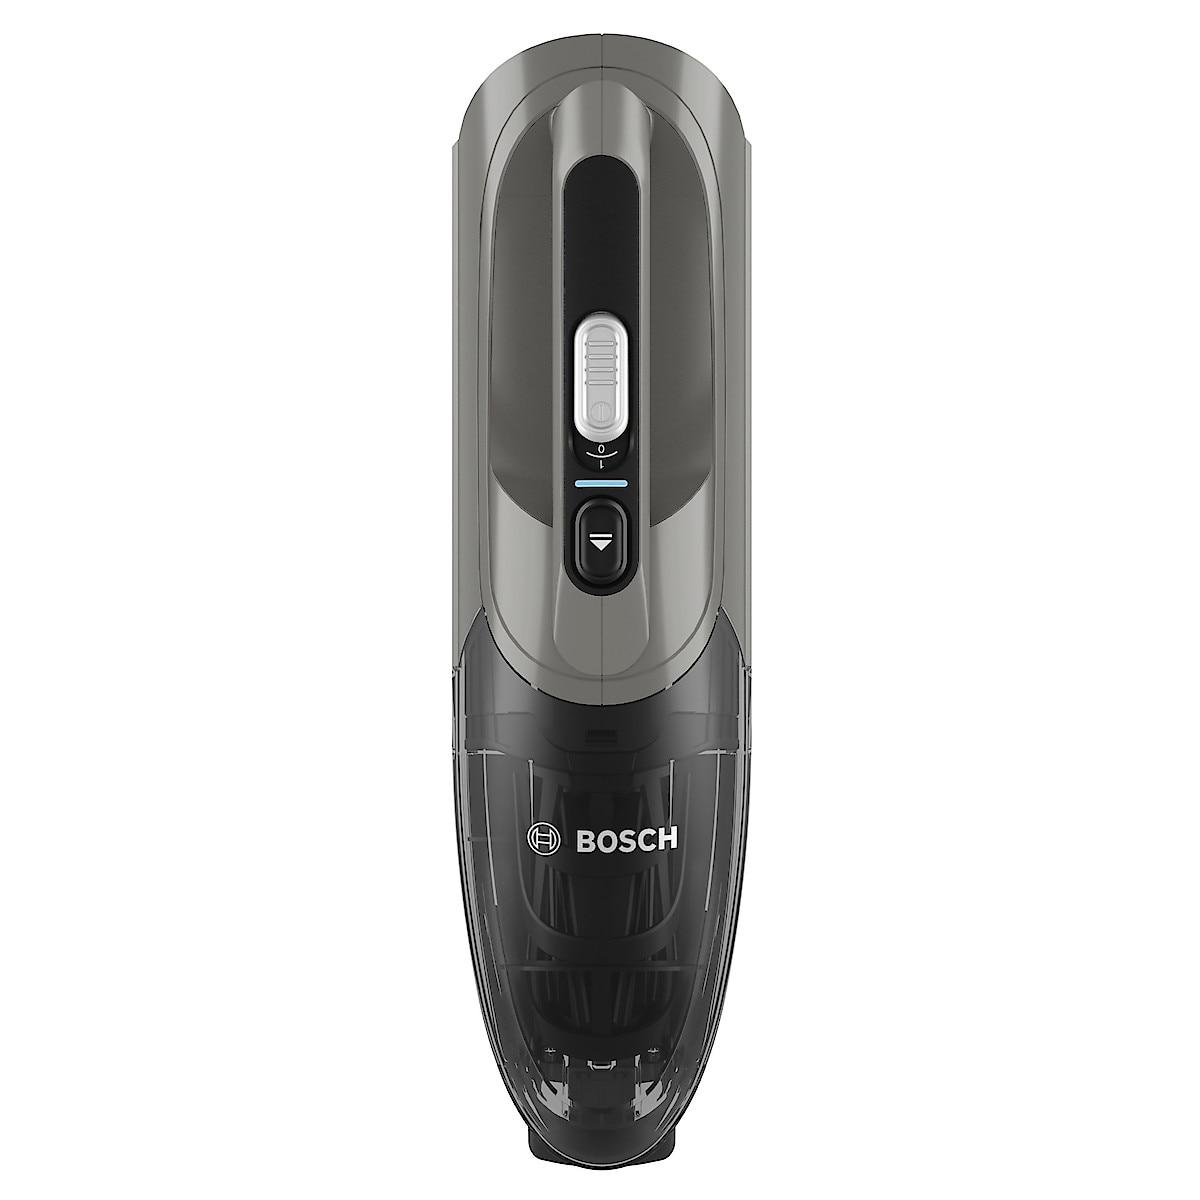 Bosch Readyy'y BBHF214G, skaftstøvsuger | Clas Ohlson